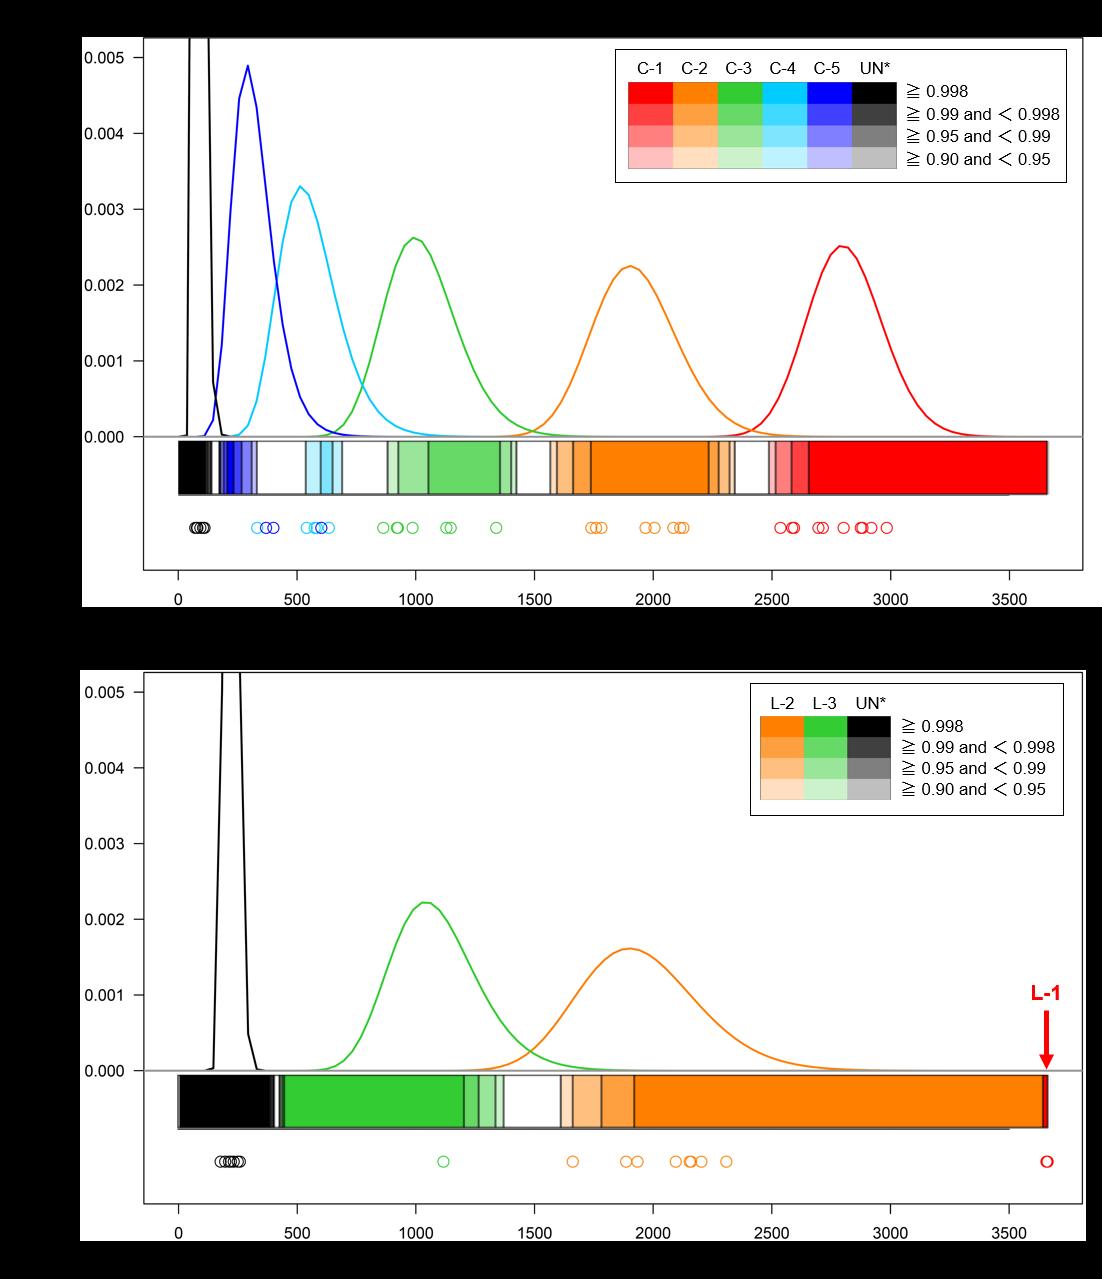 図1 血縁関係毎の染色体共有指標の分布